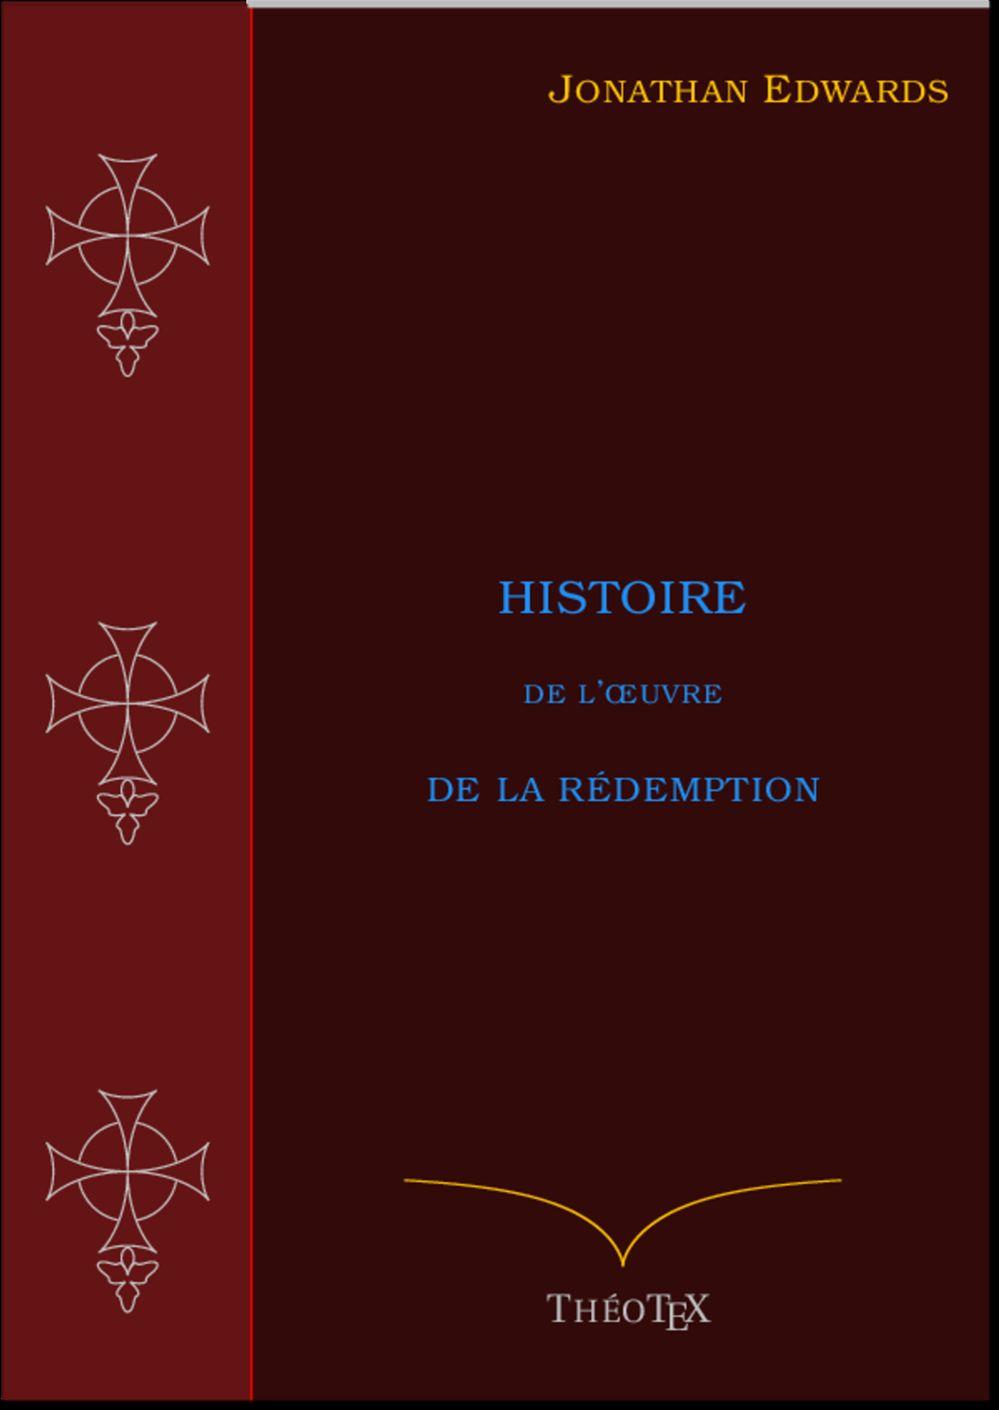 Histoire de l'OEuvre de la Rédemption